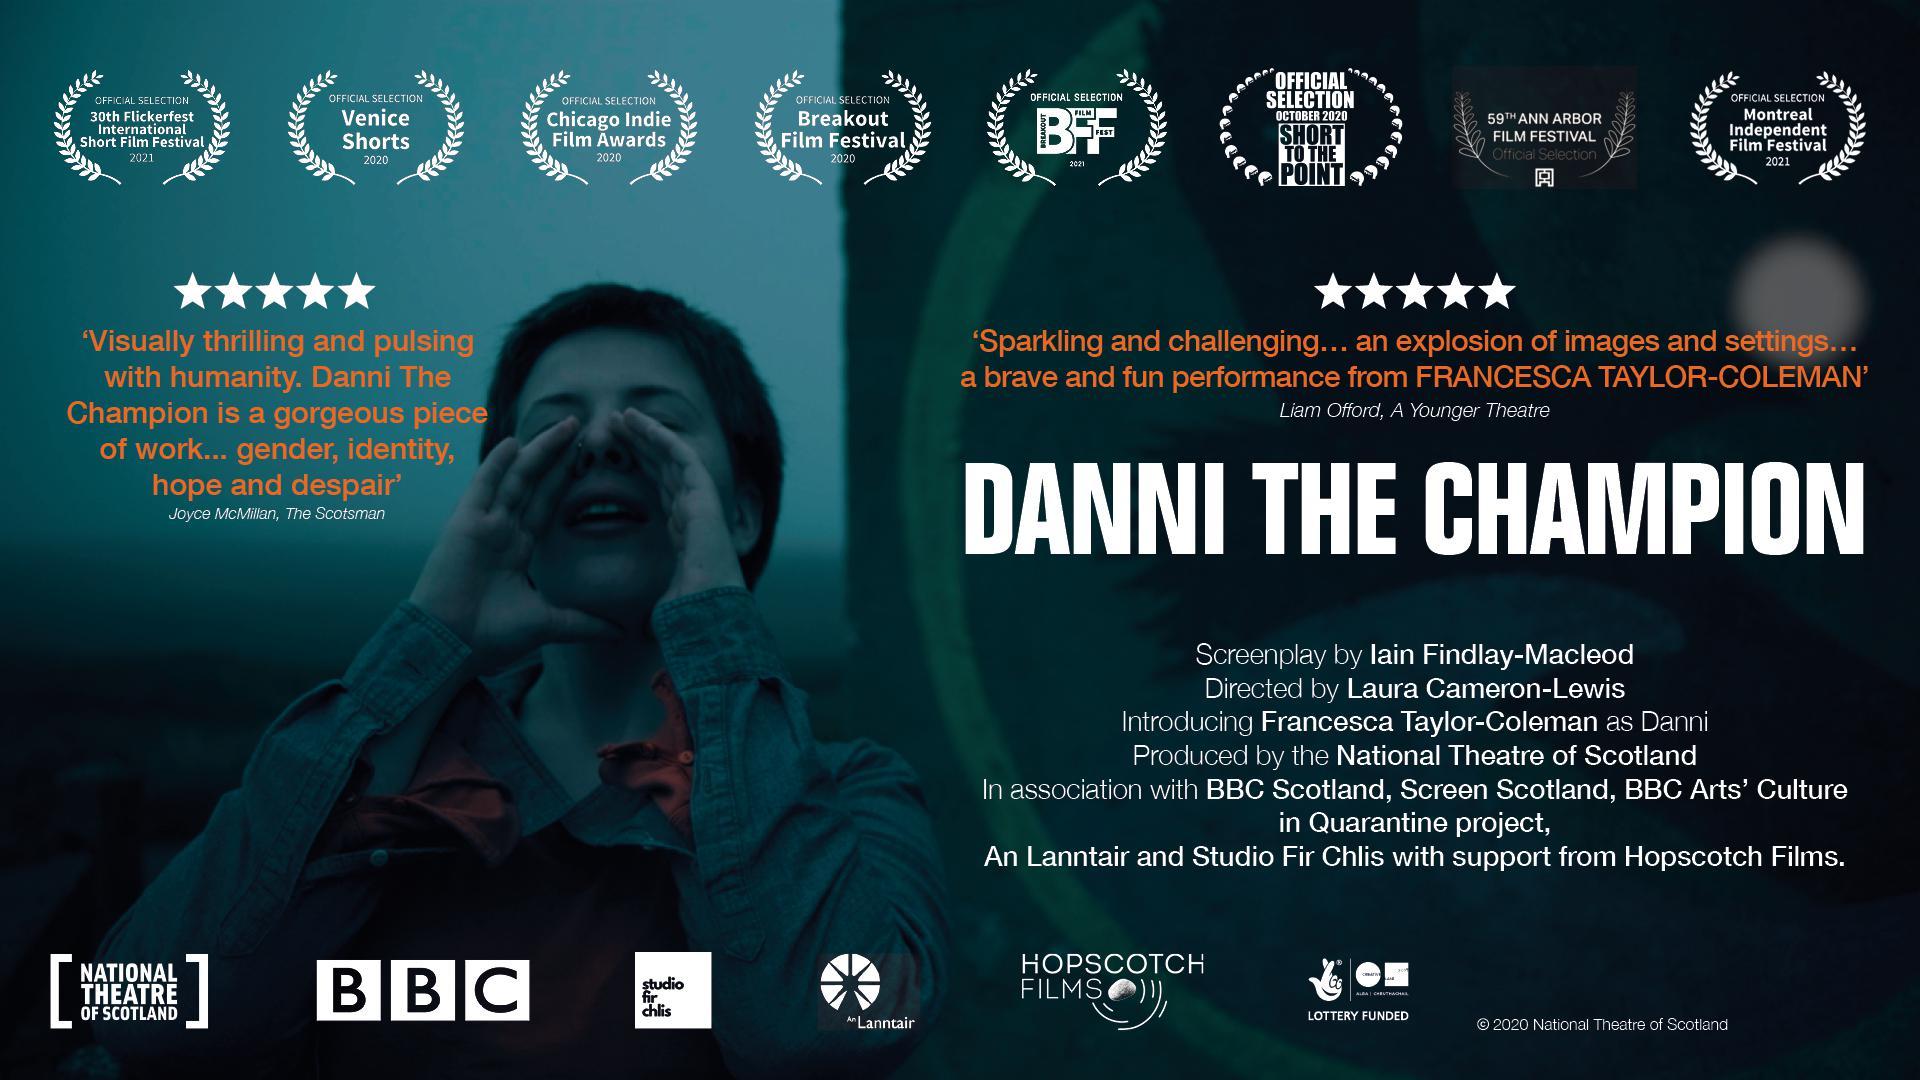 Danni the Champion